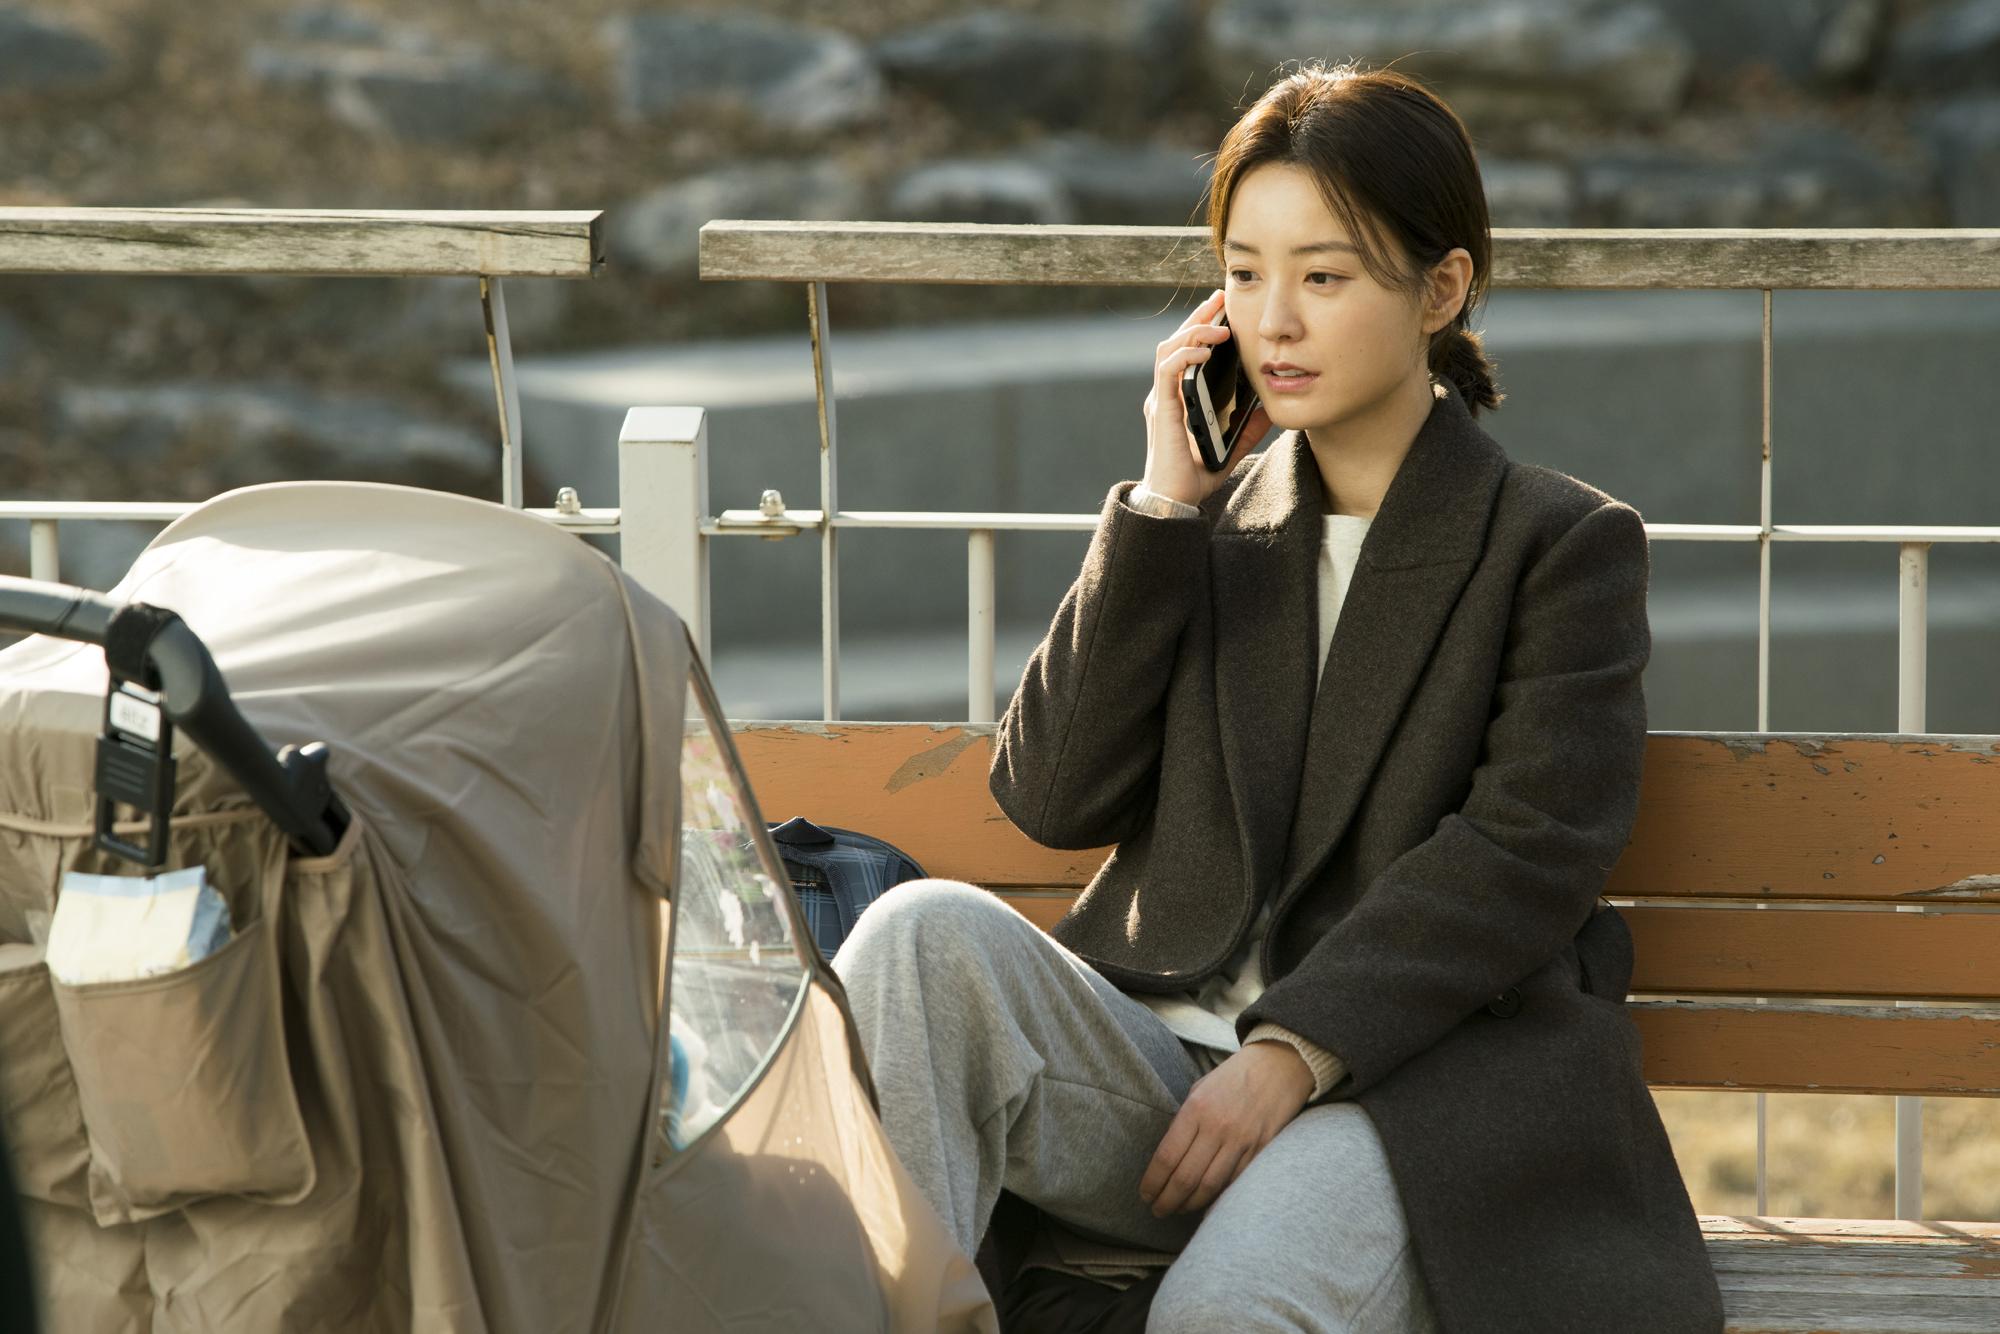 繼《熔爐》《屍速列車》後,《82年生的金智英》是鄭裕美與孔劉第三度合作的電影作品